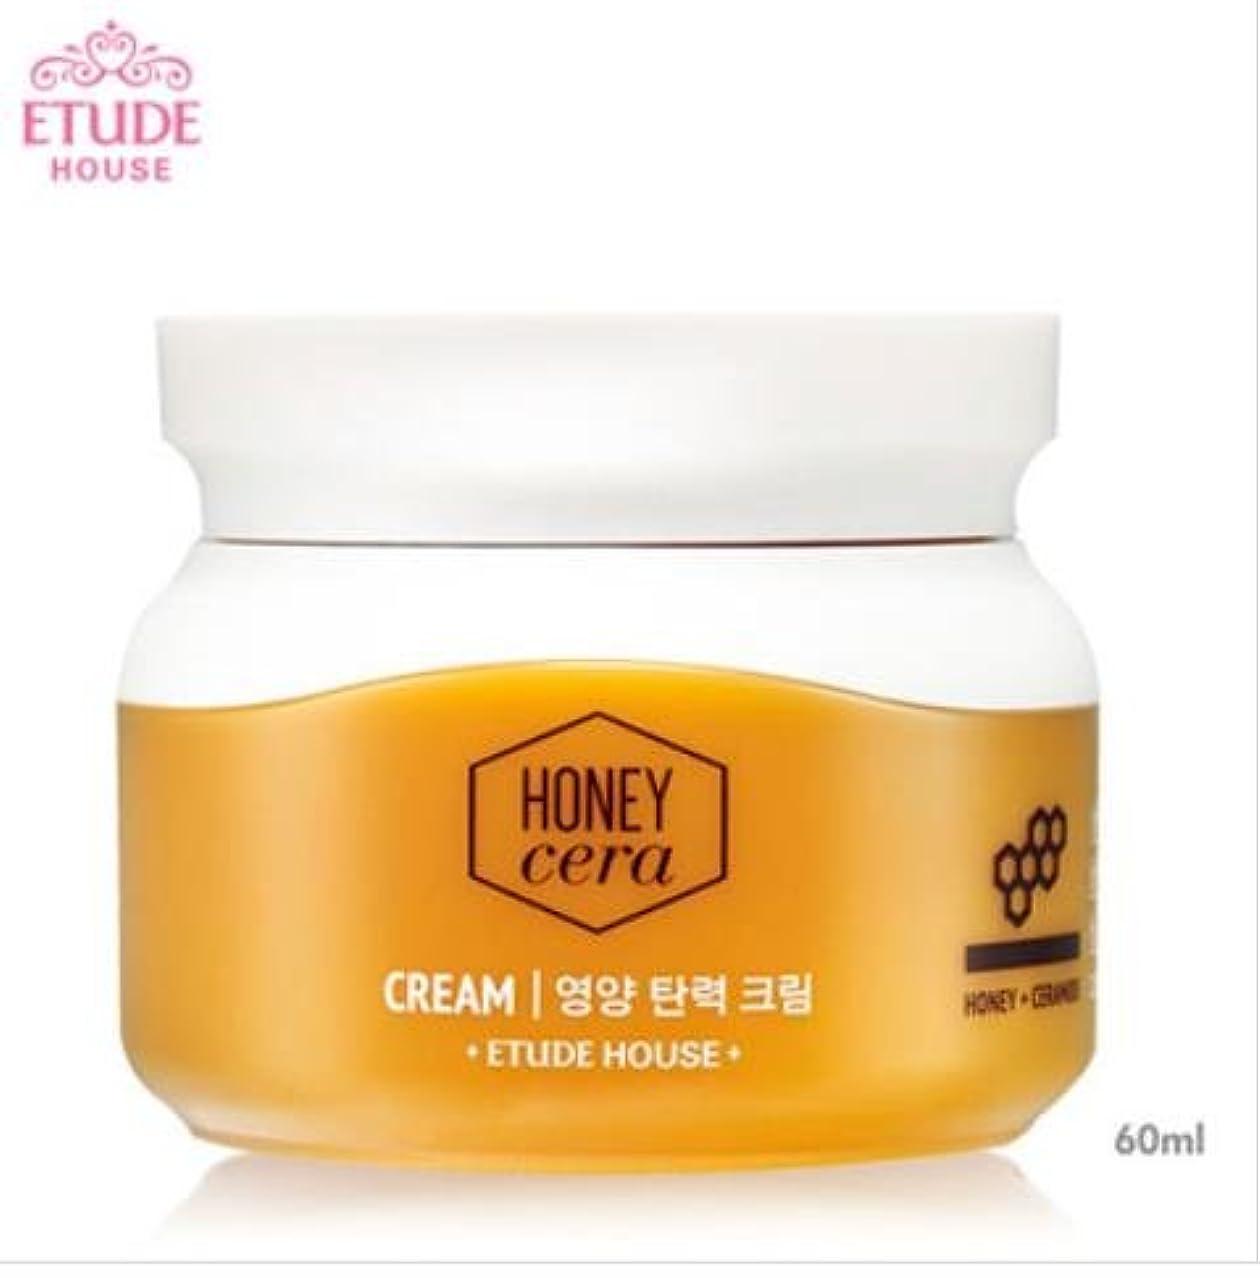 気質アレイ癒す[エチュードハウス] ETUDE HOUSE [ハニーセラ 栄養弾力 クリーム 60ml](Honey Sarah nutrition elastic Cream 60ml) [並行輸入品]